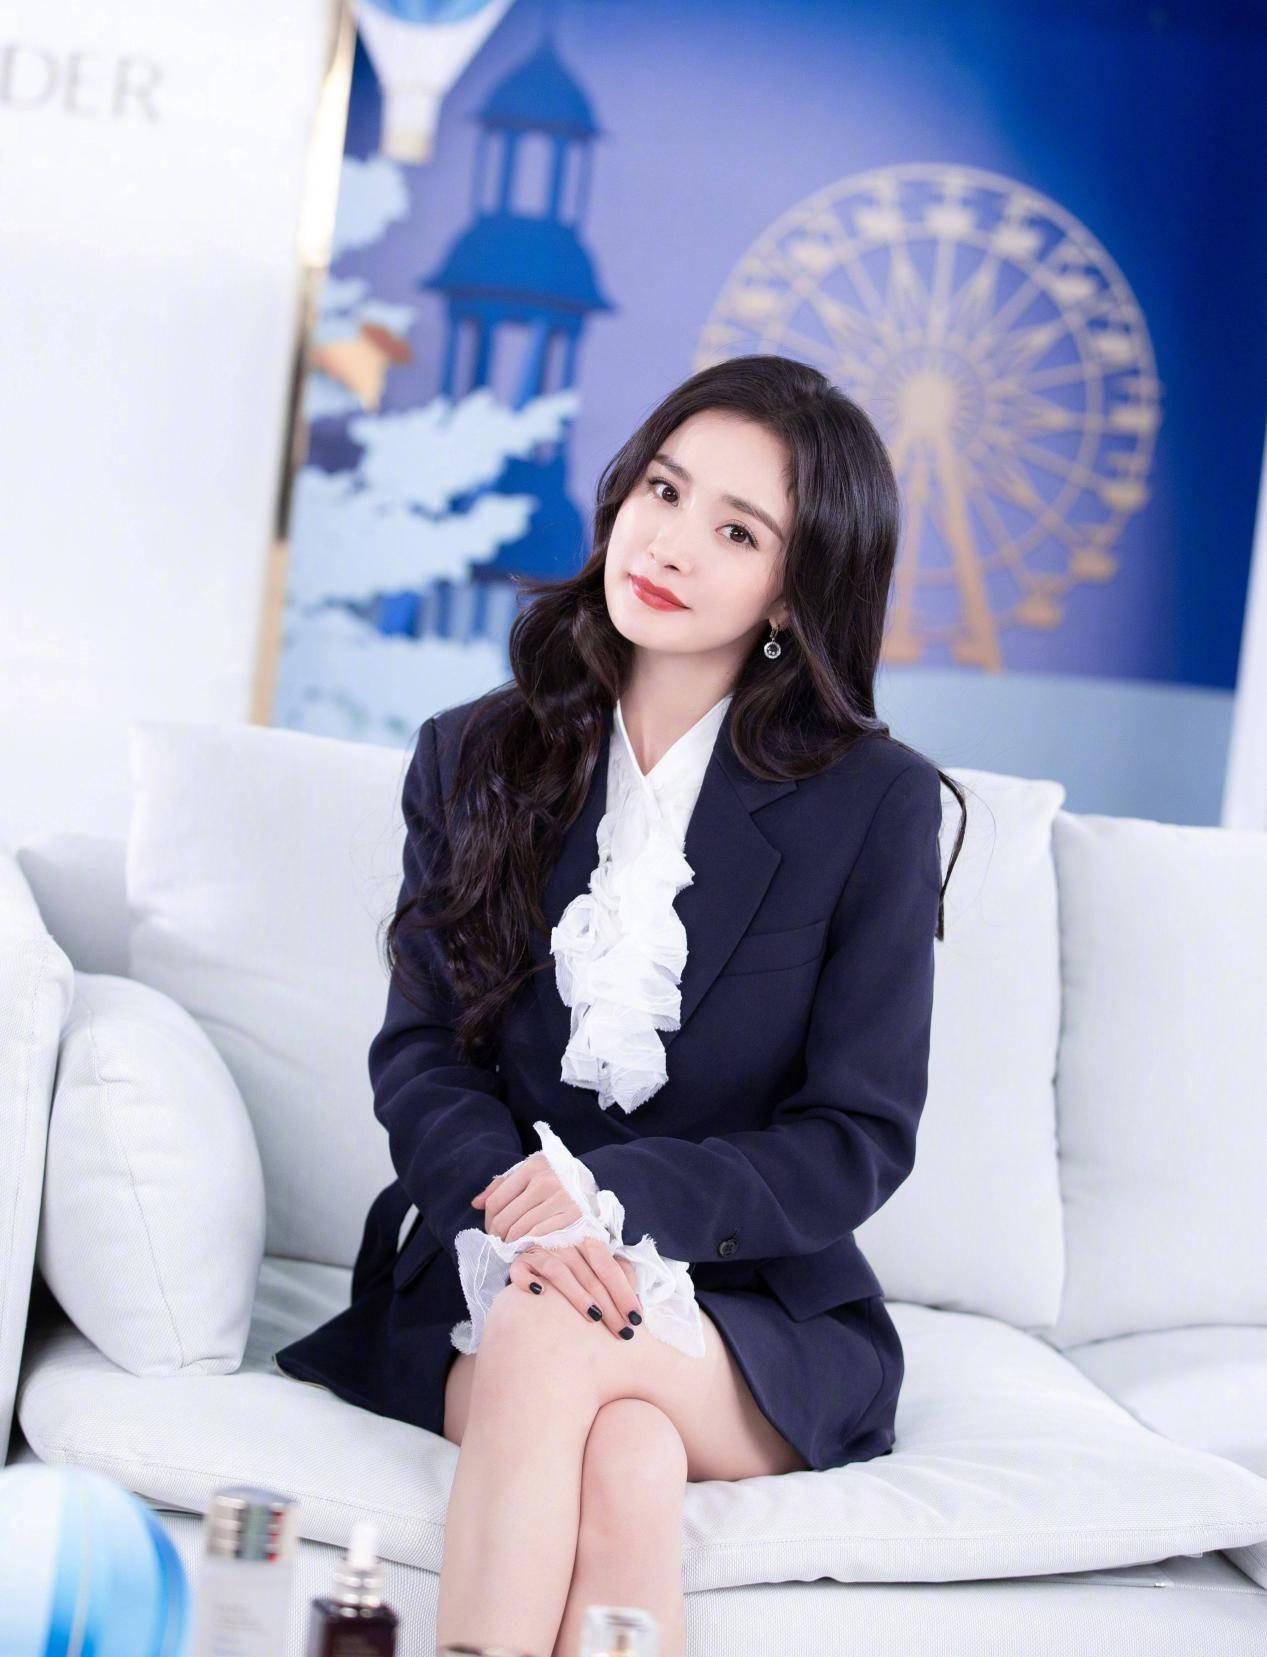 34岁的杨幂颜值不再,出席活动生图被嘲,她的脸也垮了?